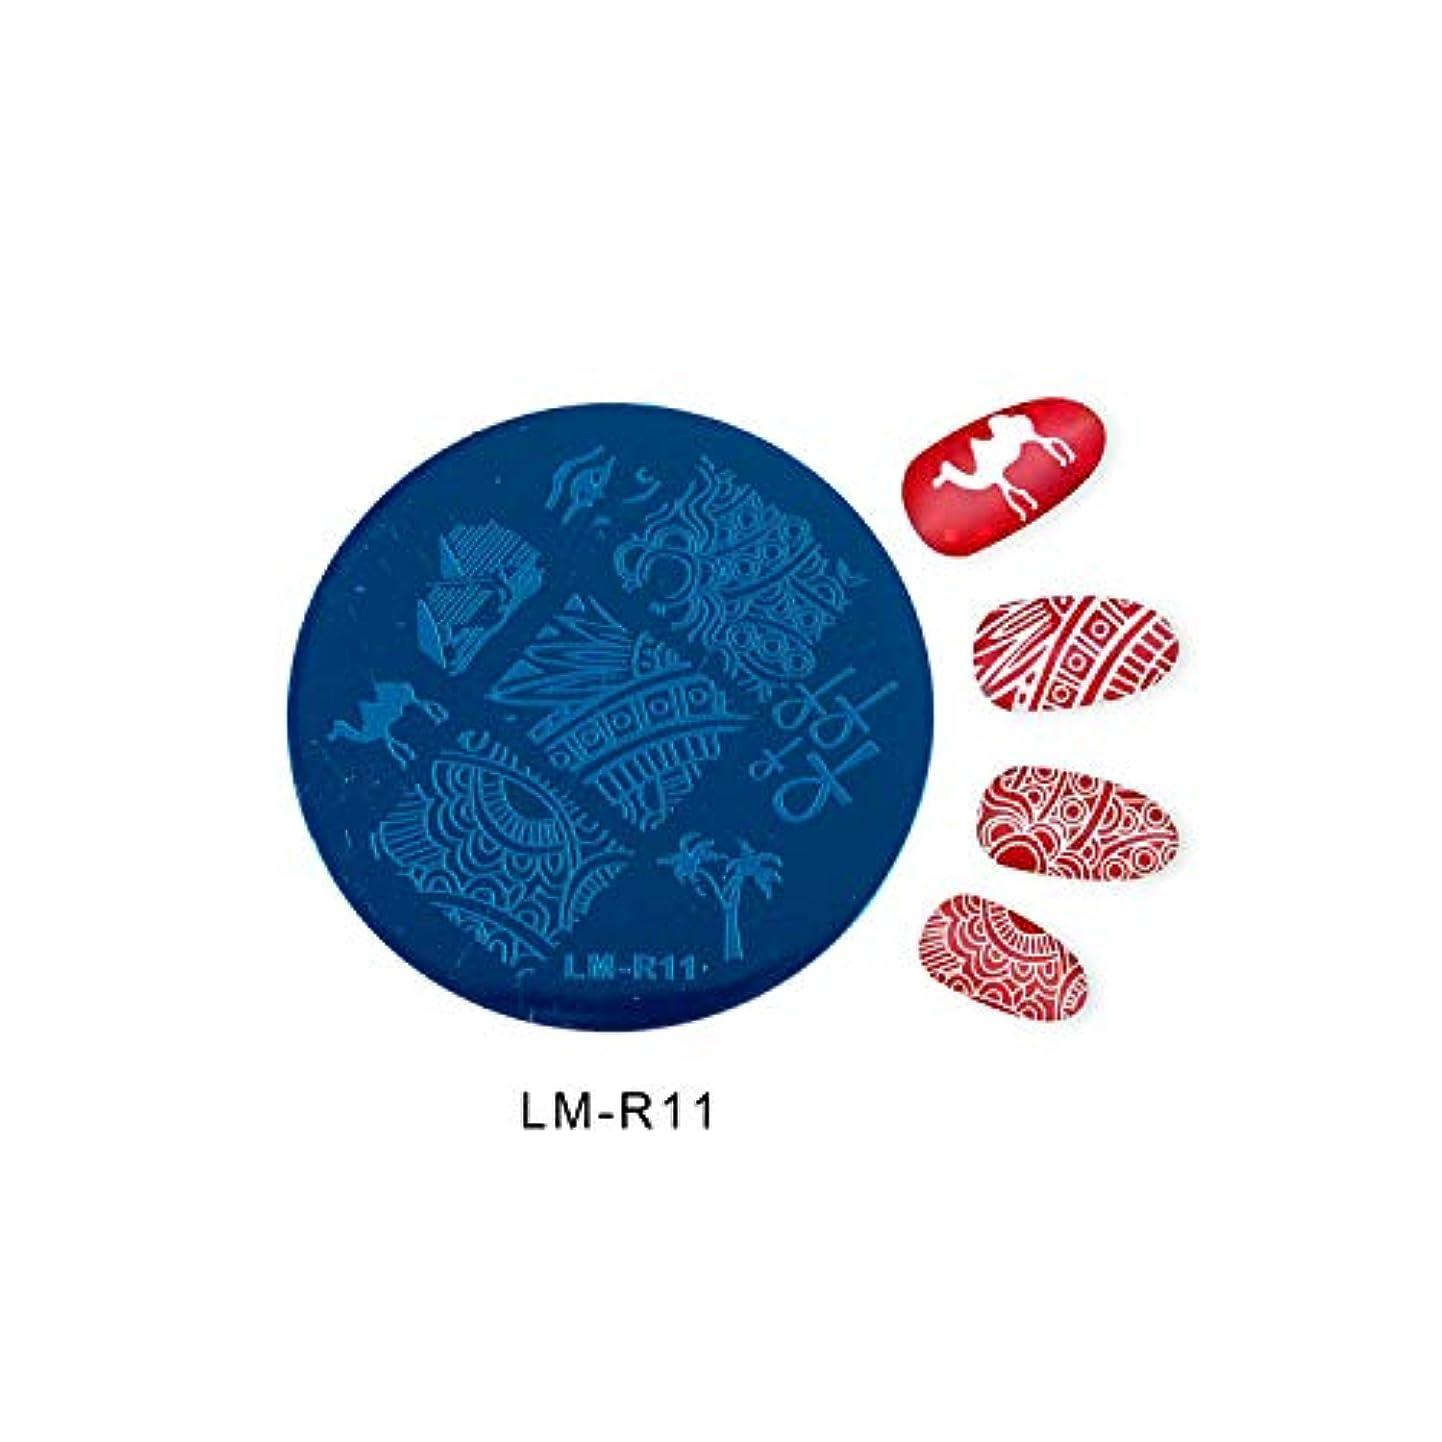 食器棚教会カブネイルスタンピングテンプレートプレート花動物柄ラウンドレースネイルアートスタンピングテンプレートイメージプレートステンシル,LM11R